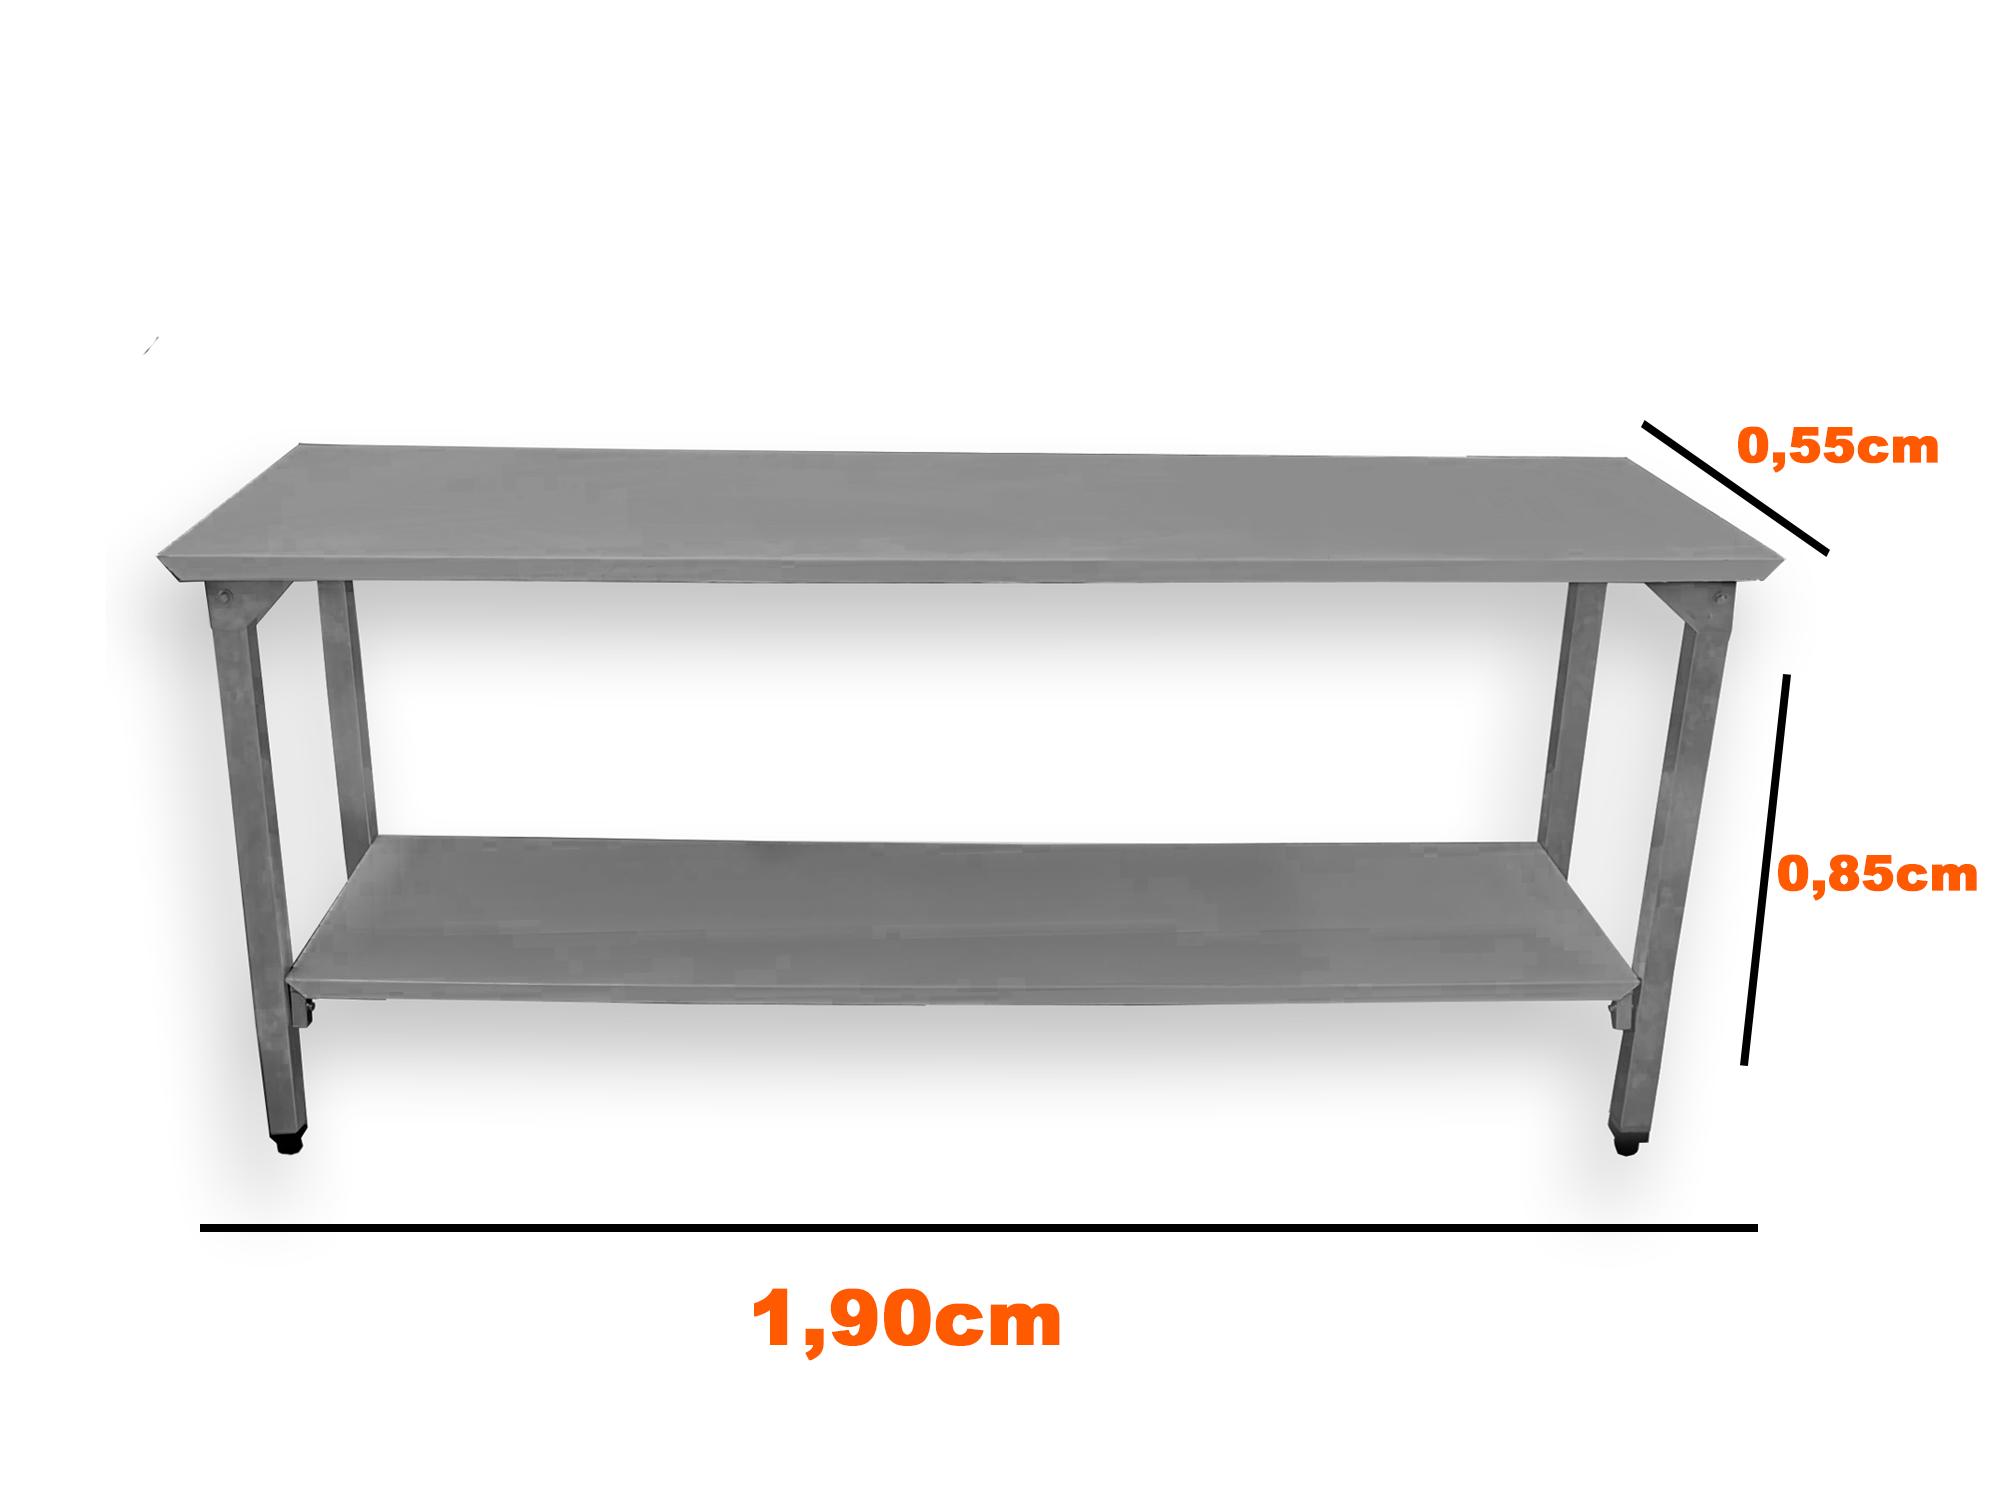 Mesa Total Inox 1,90 x 0,55 C/ Prateleira Lisa VIX